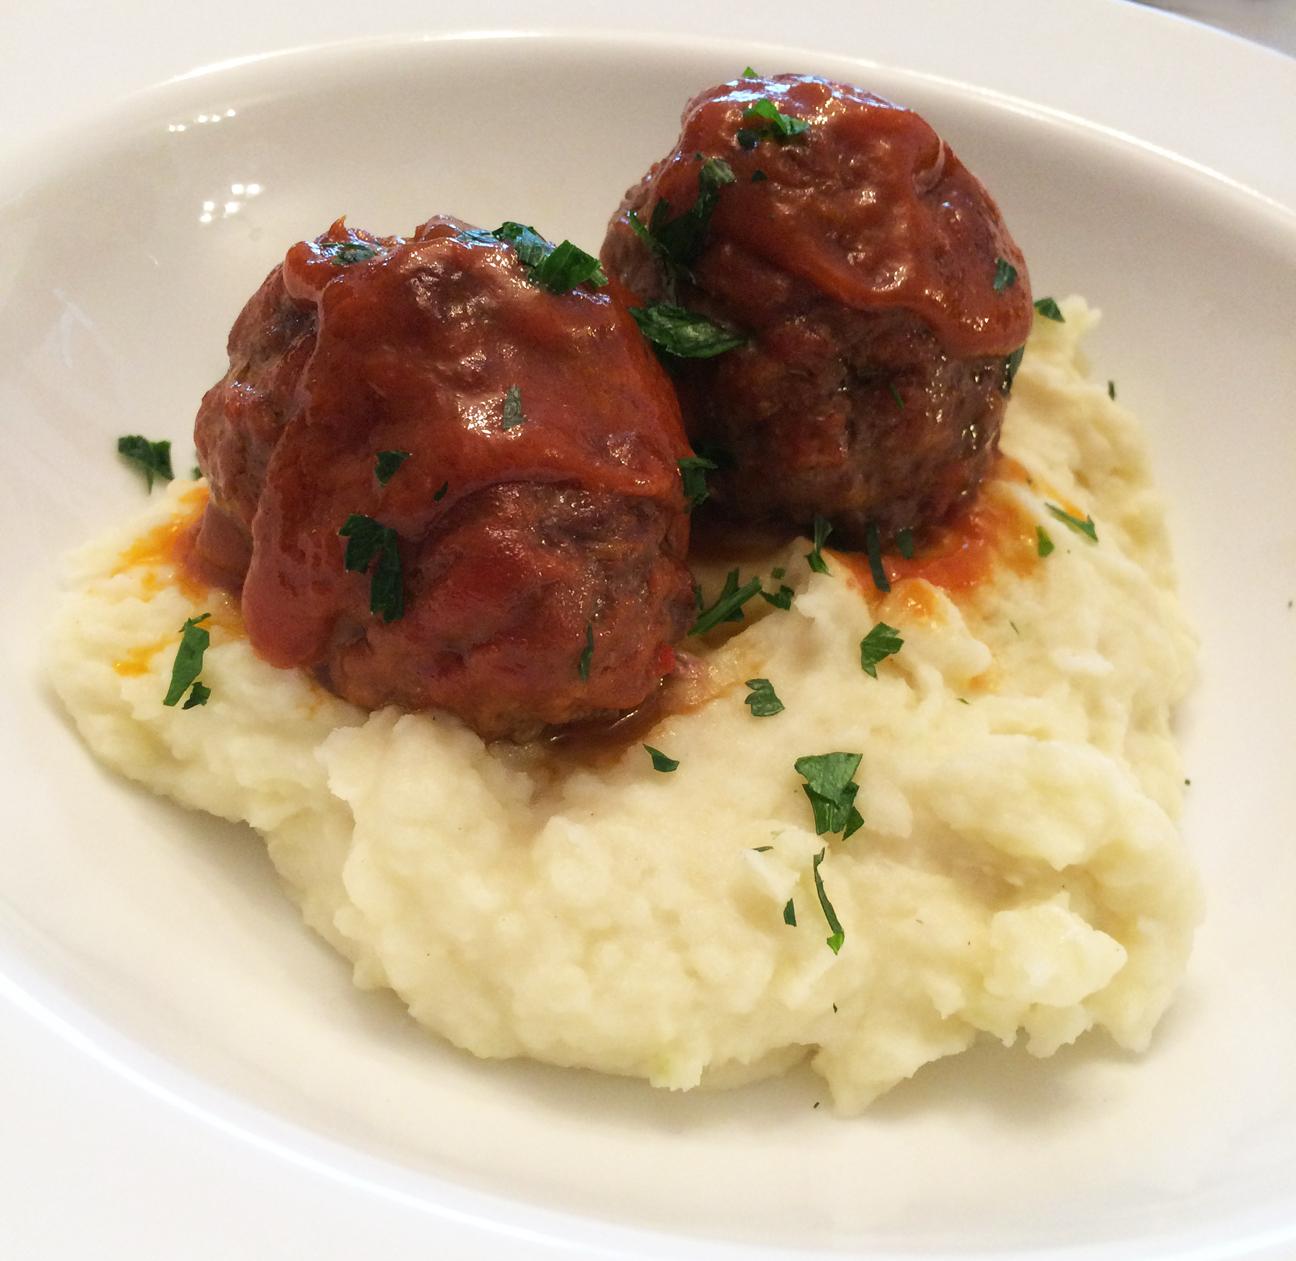 Minxeats Recipes Recaps And Restaurant Reviews Meatballs A La